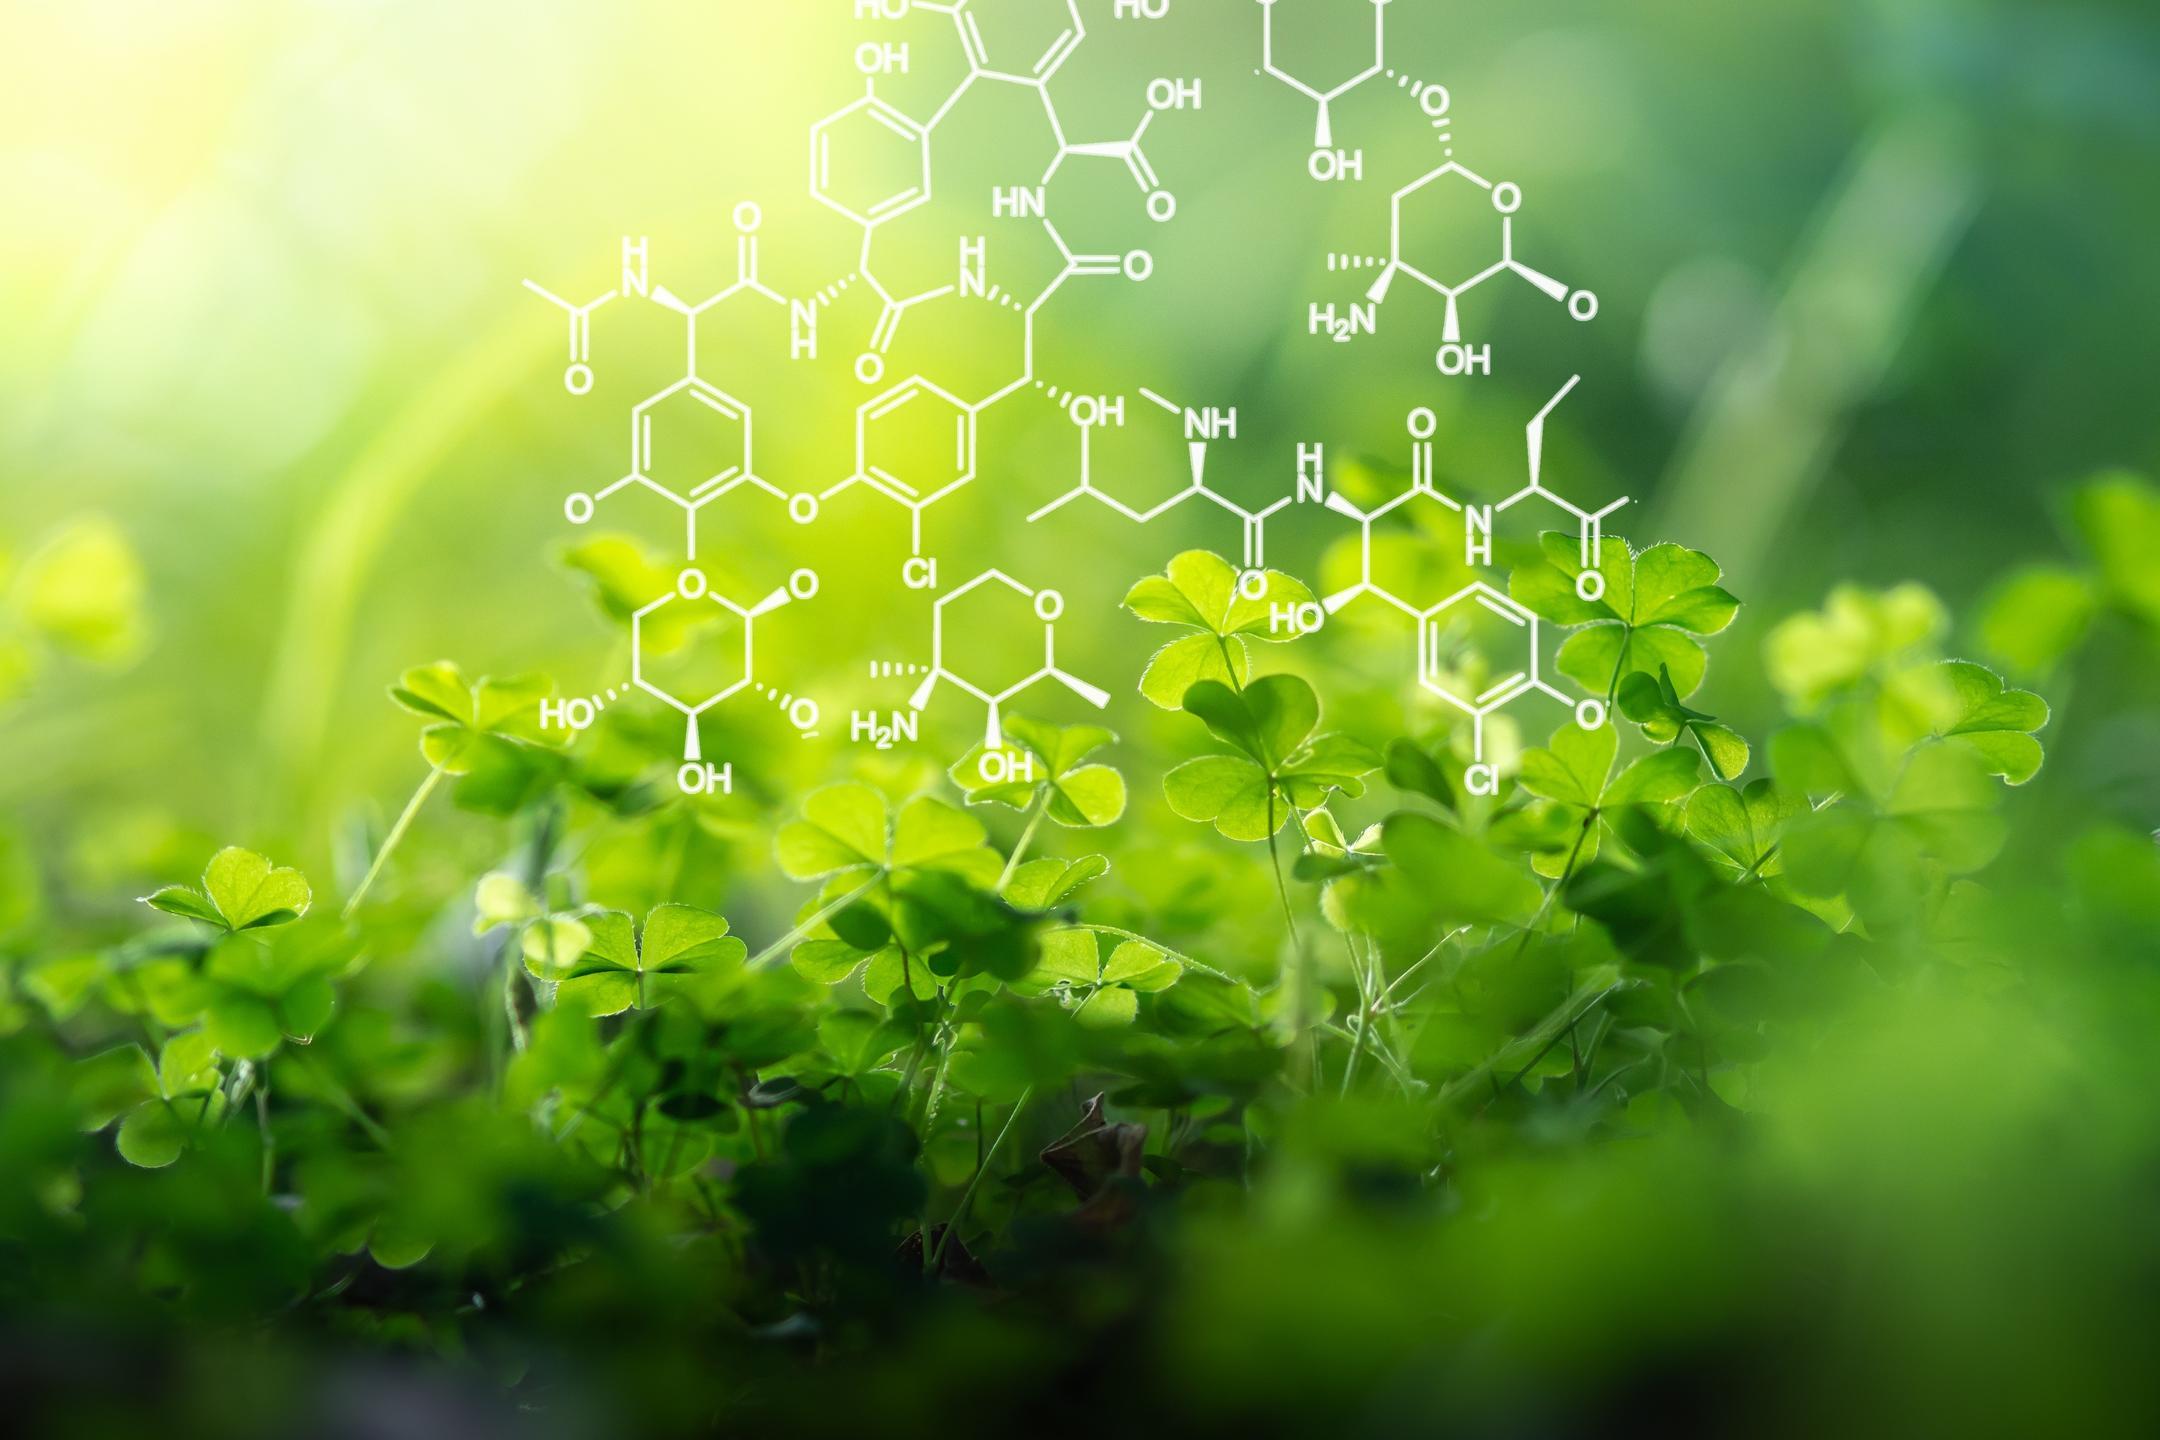 Grüne Pflanzen mit chemischer Darstellung der Fotosynthese